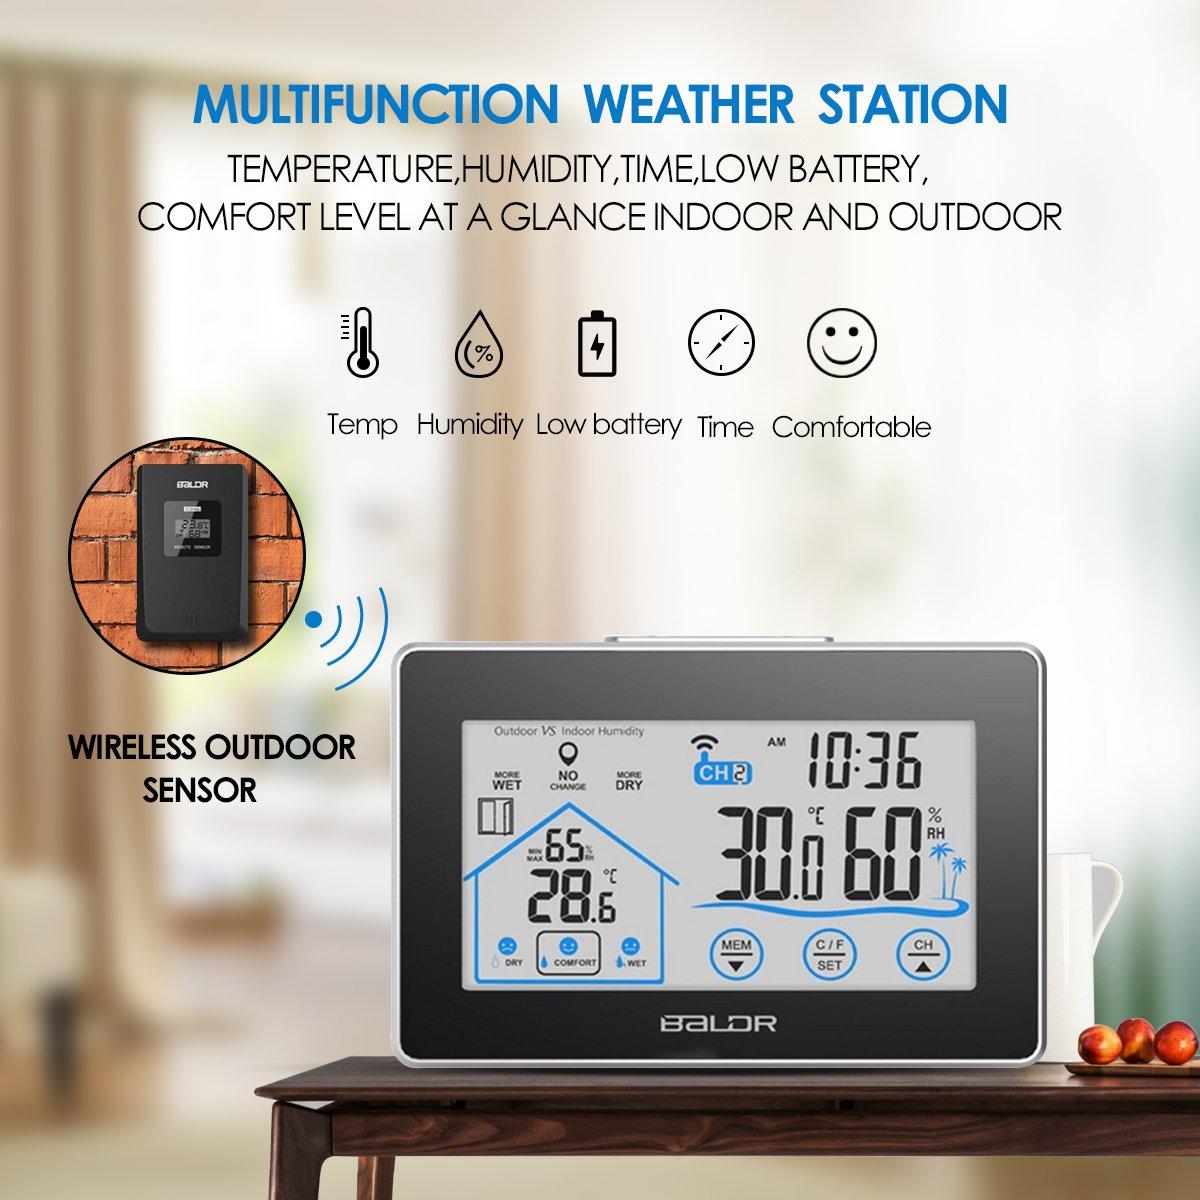 Estación Meteorológica Inalámbrica Interior y Exterior Fochea Termómetro Higrómetro Digital Multifunción con Pantalla Táctil LCD para el Hogar Cocina ...